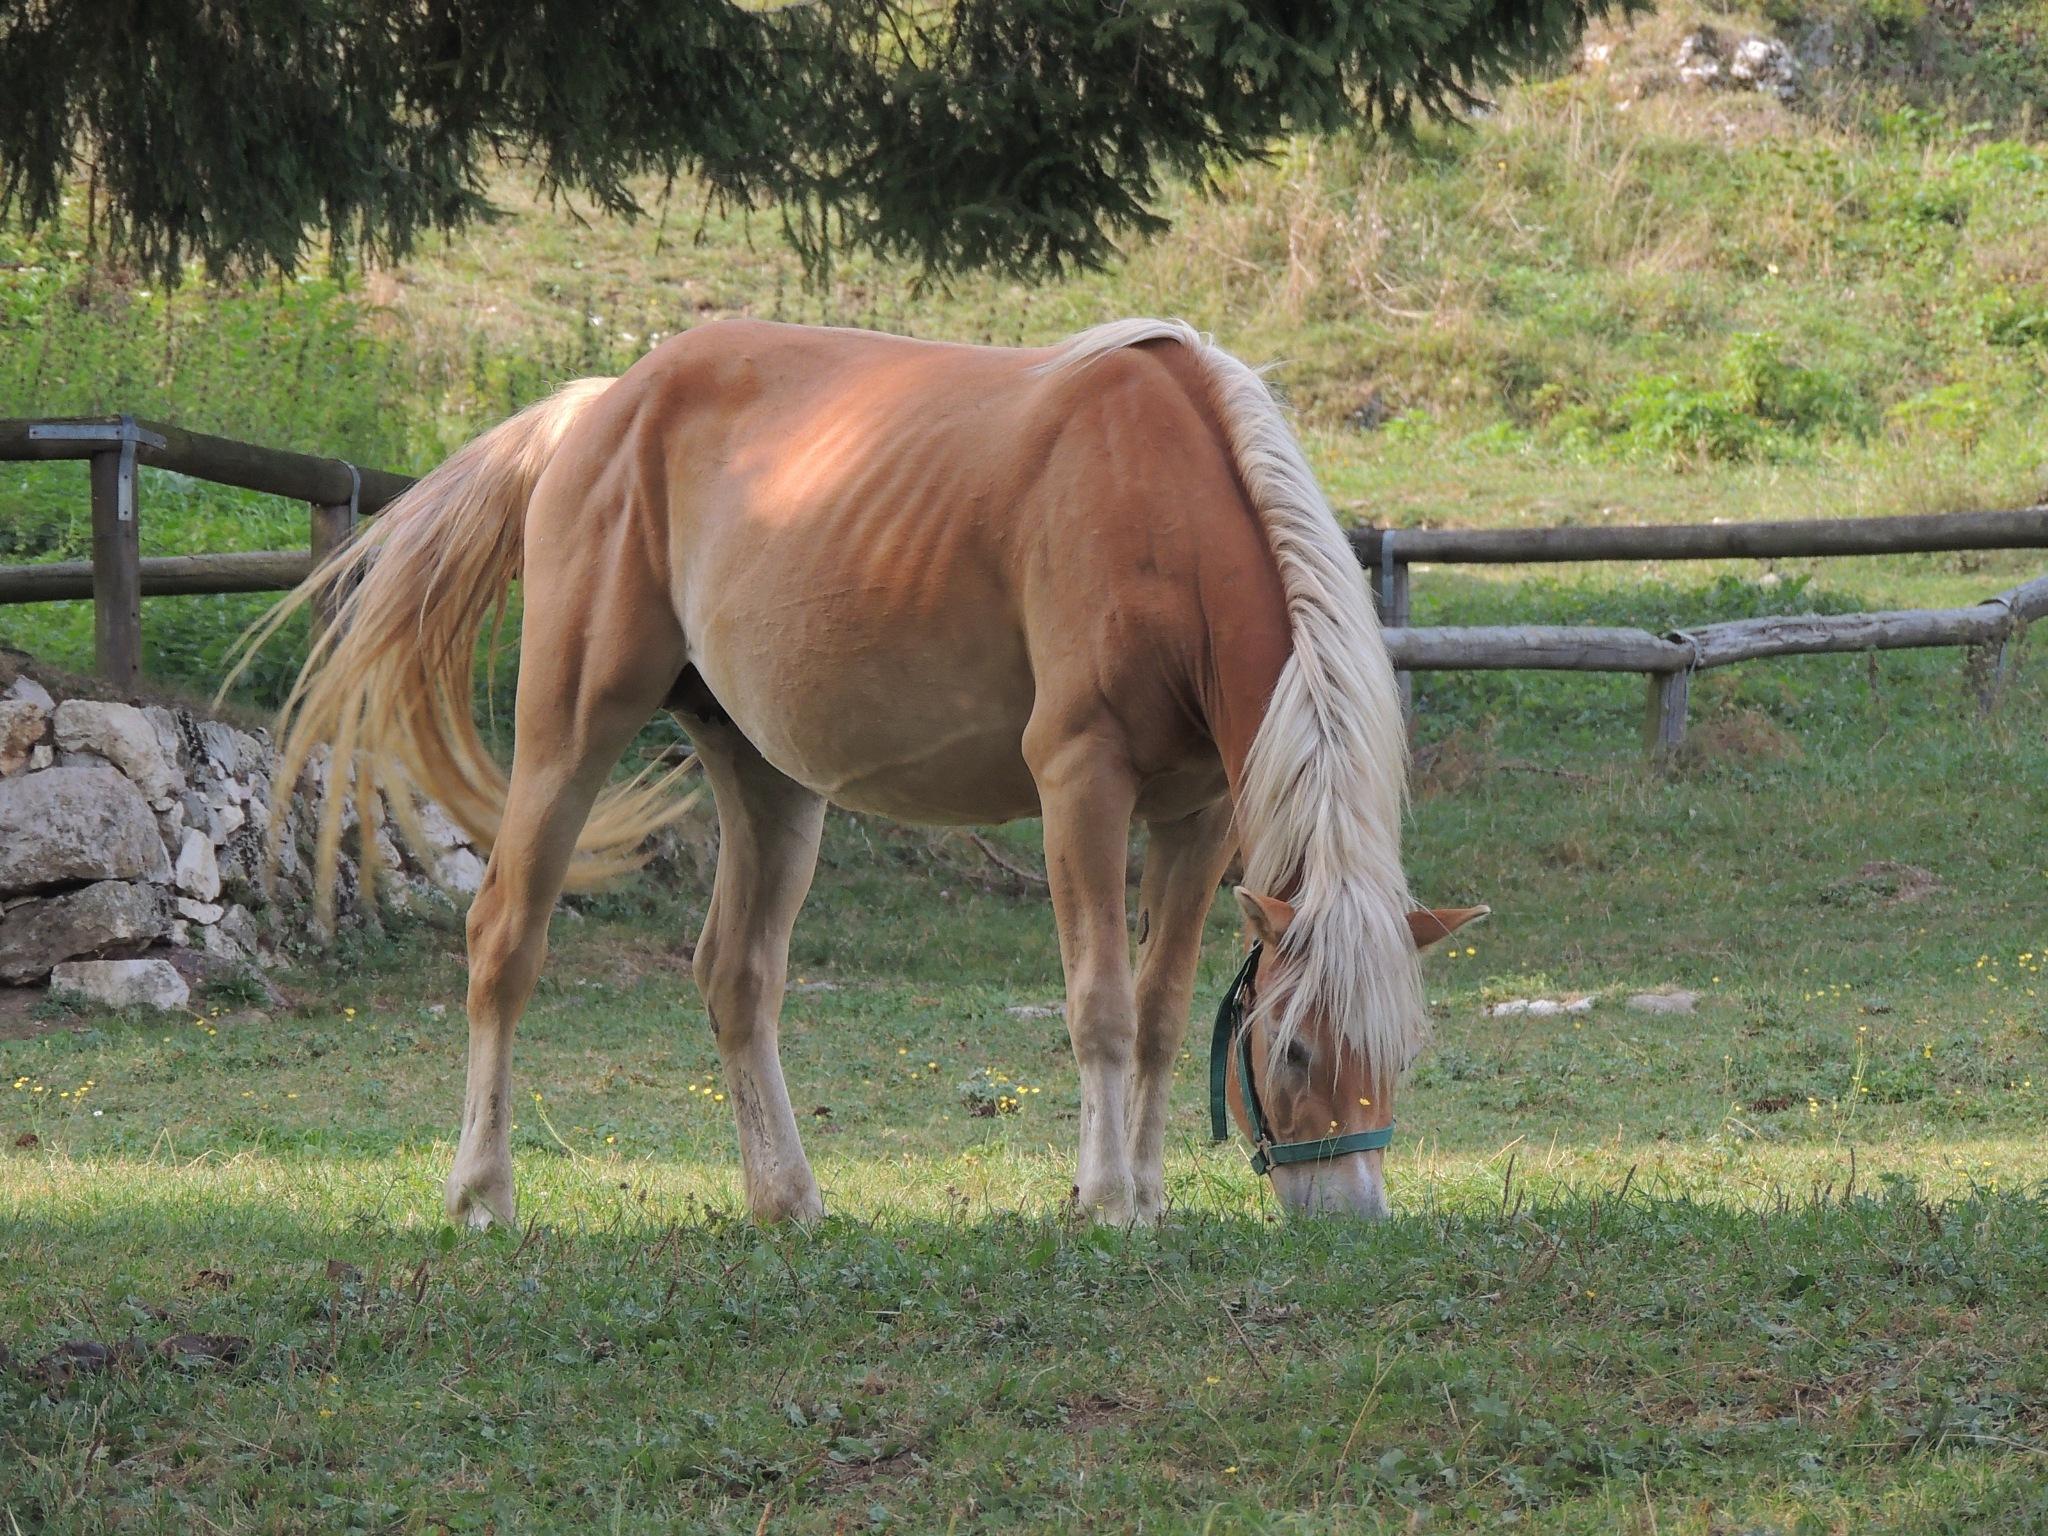 Horse in a farm by Damiano Mozzato